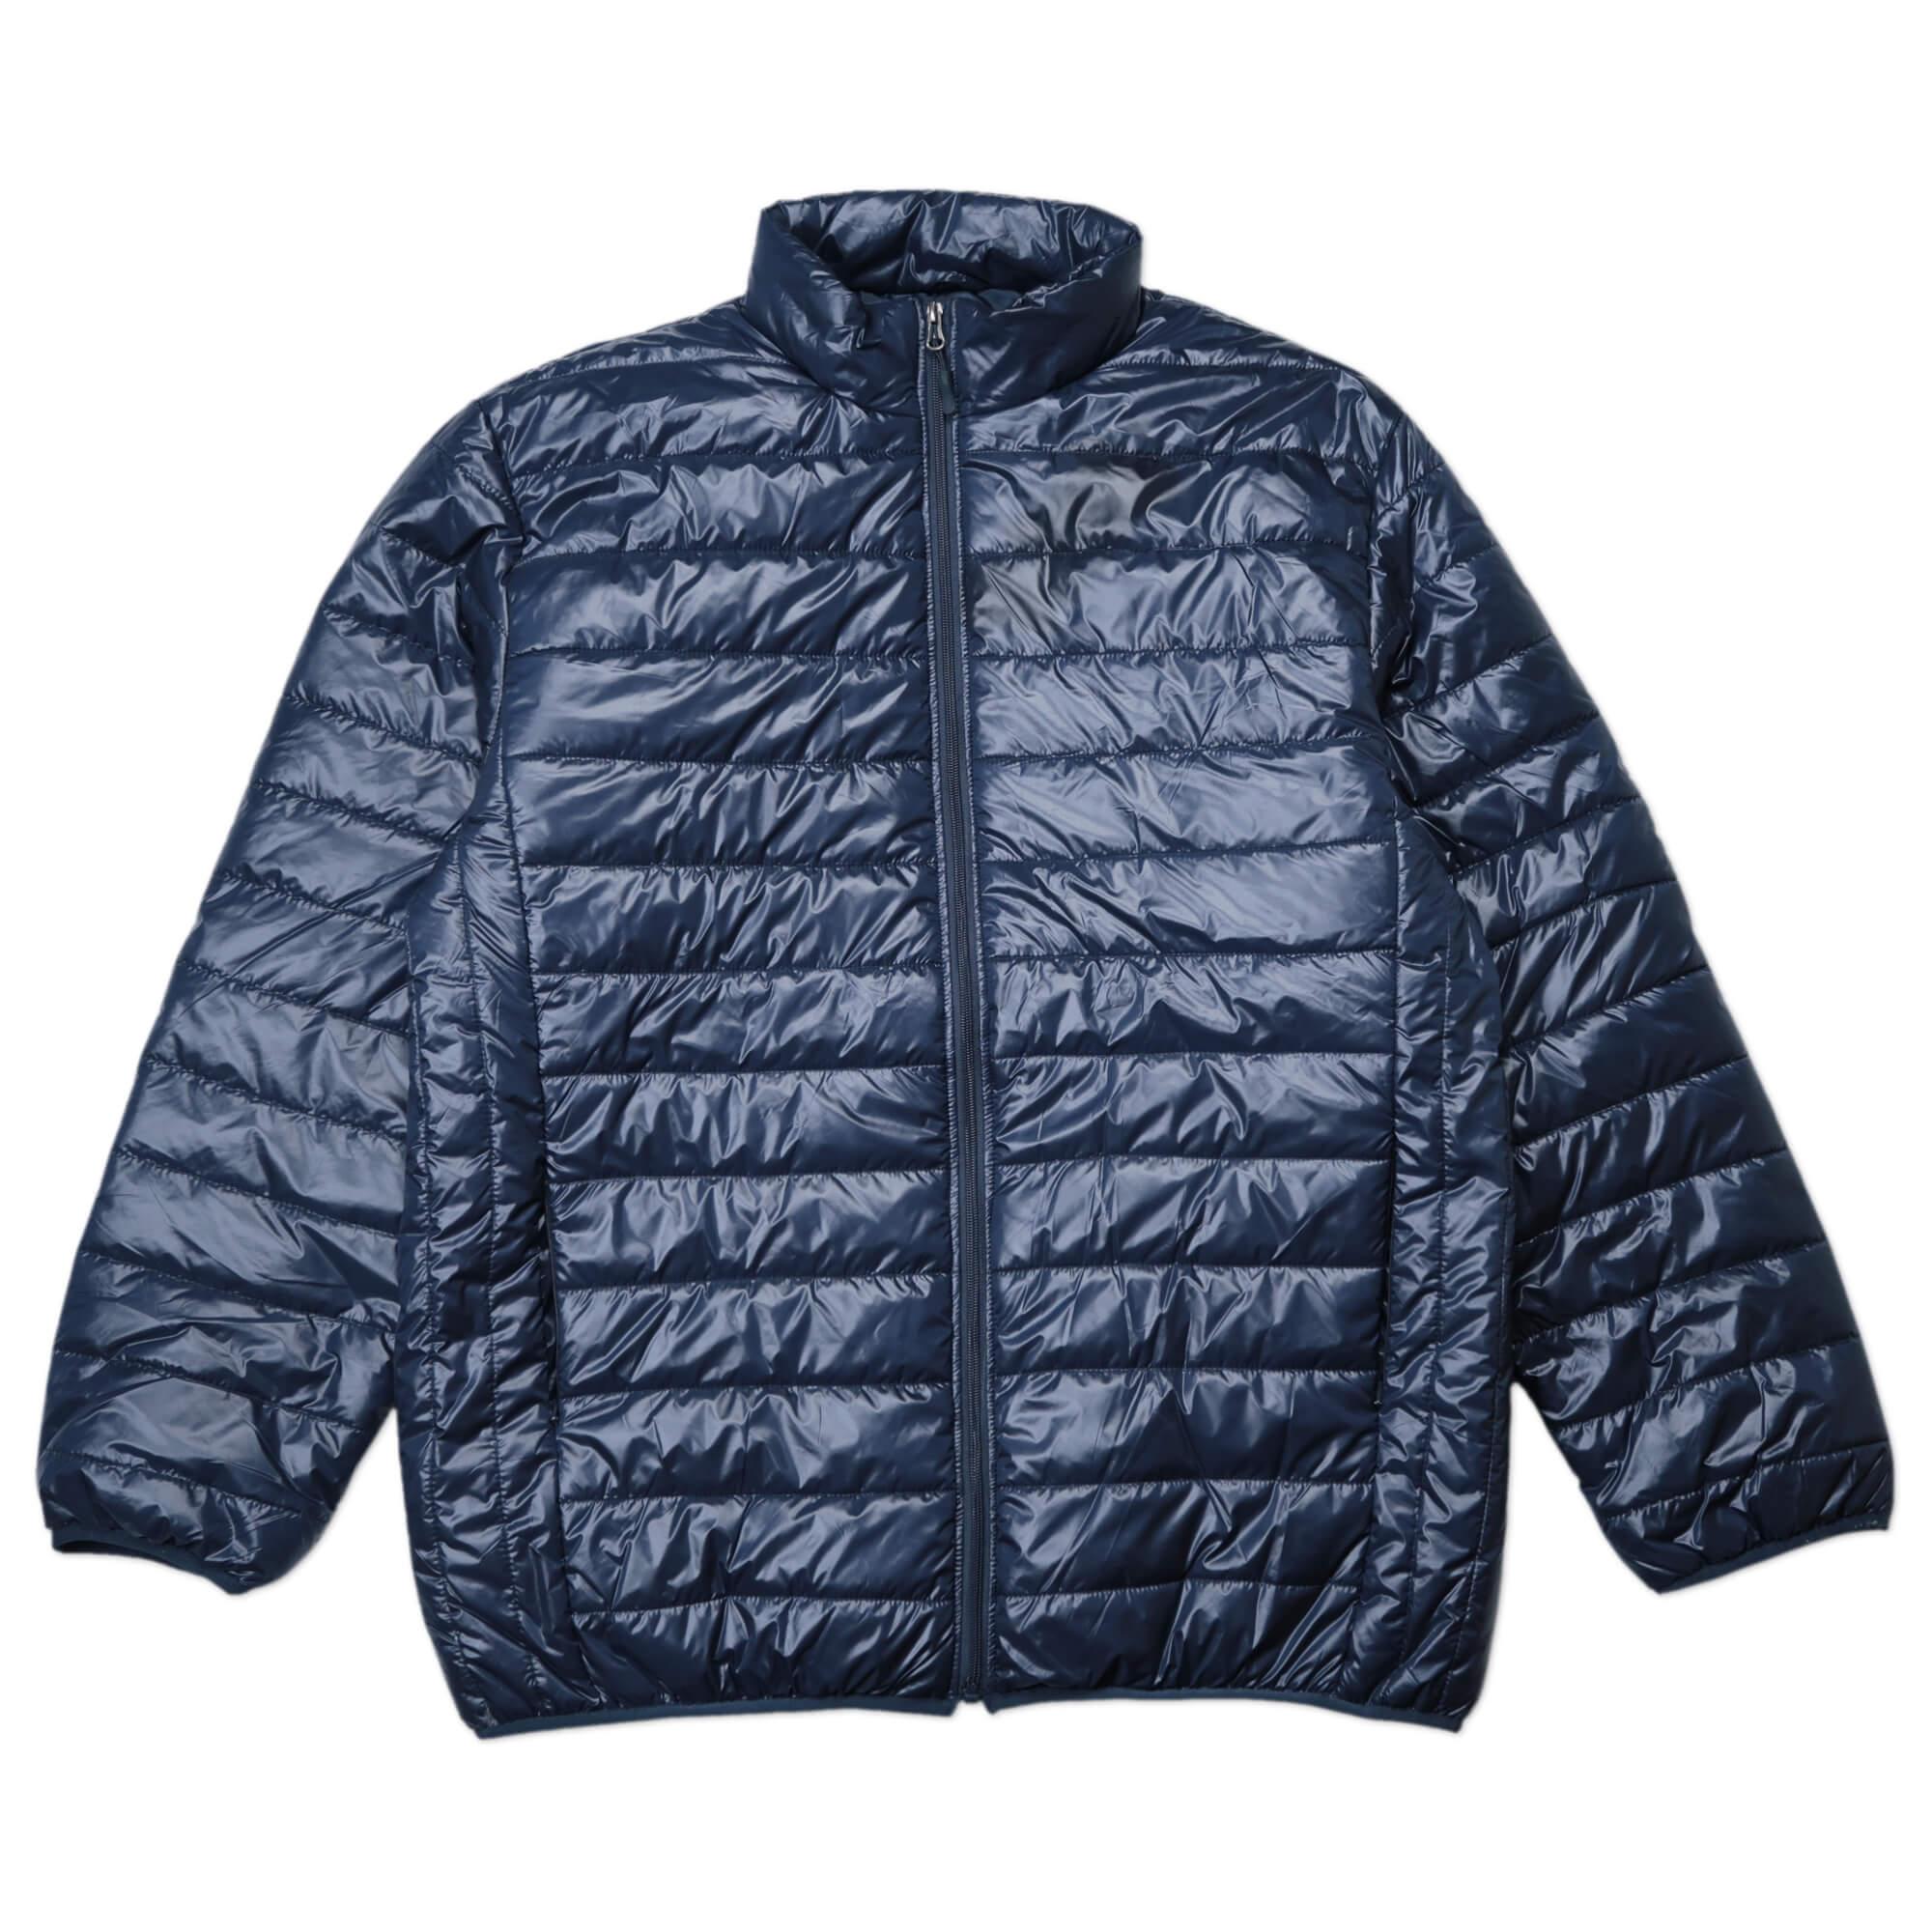 加大尺碼超輕量立領舖棉保暖外套 大尺碼夾克外套 大尺碼騎士外套 大尺碼防寒外套 大尺碼擋風外套 大尺碼休閒外套 鋪棉外套 藍色外套 黑色外套 (321-A831-08)深藍色、(321-A831-21)黑色、、(321-A831-22)灰色、(321-A830-22)灰綠色 5L 6L 7L 8L (胸圍:56~62英吋) [實體店面保障] sun-e 3